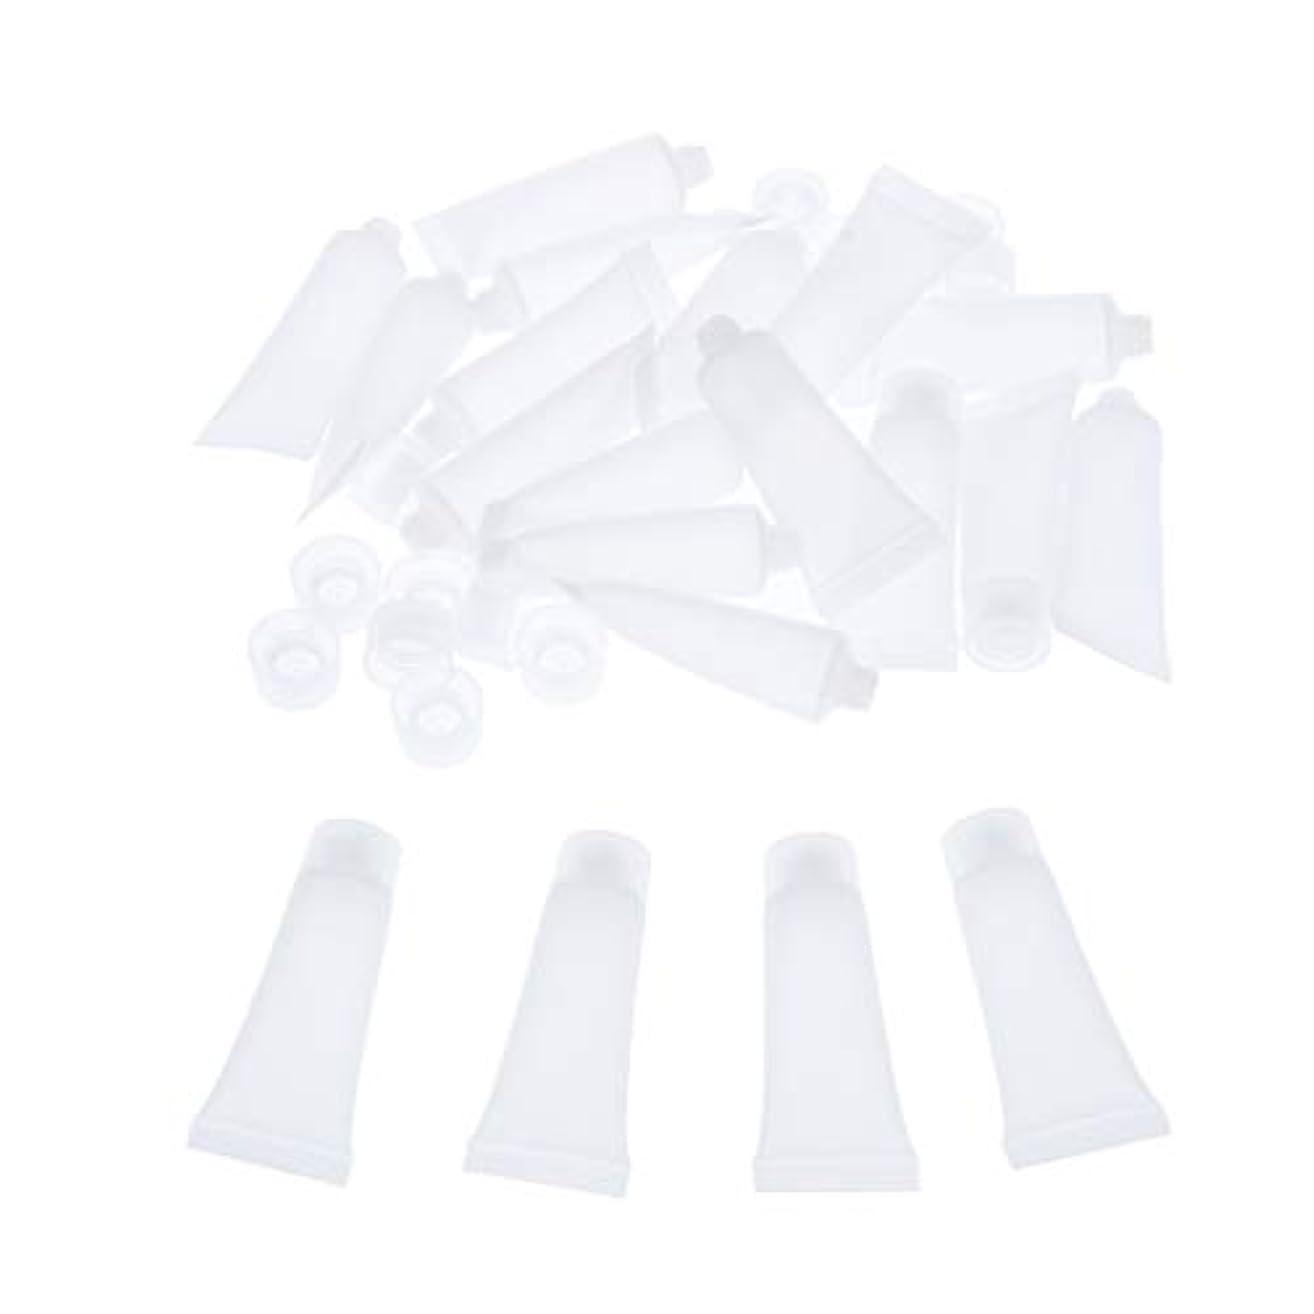 マンモス流ゲートウェイ化粧品チューブ 化粧瓶 空ボルト 広い口 クリーム チューブ 詰め替え 化粧品ボトル 約20個入り 全4サイズ - 15ml